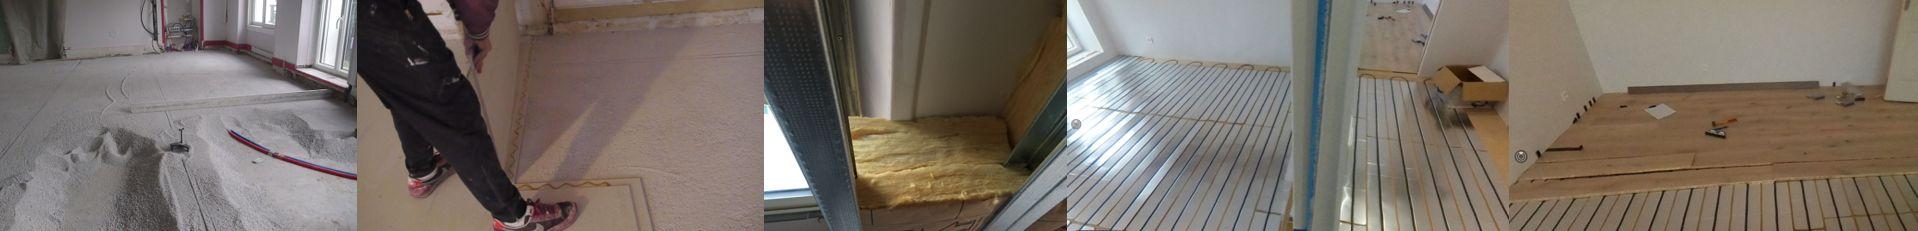 Caleosolution: Votre Magasin rénovation immobilière sur Blois